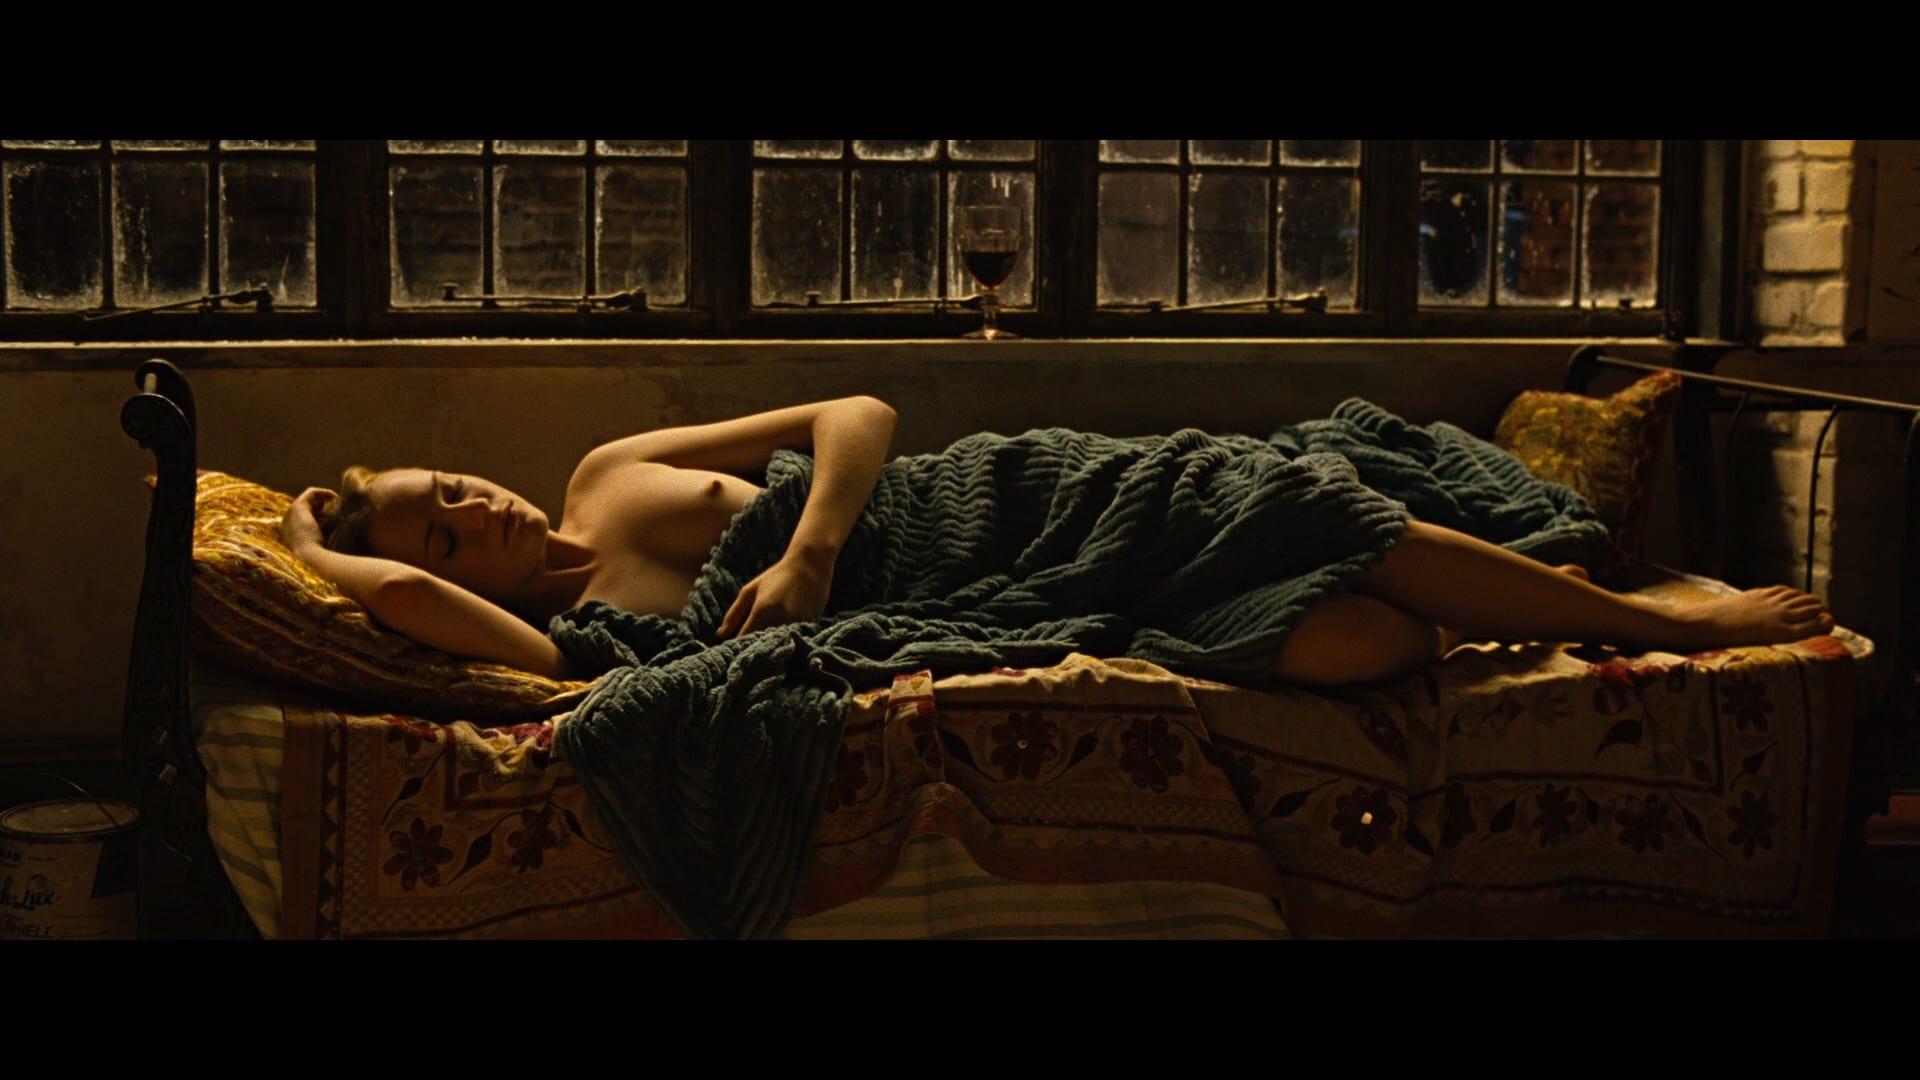 evan rachel wood nude scene